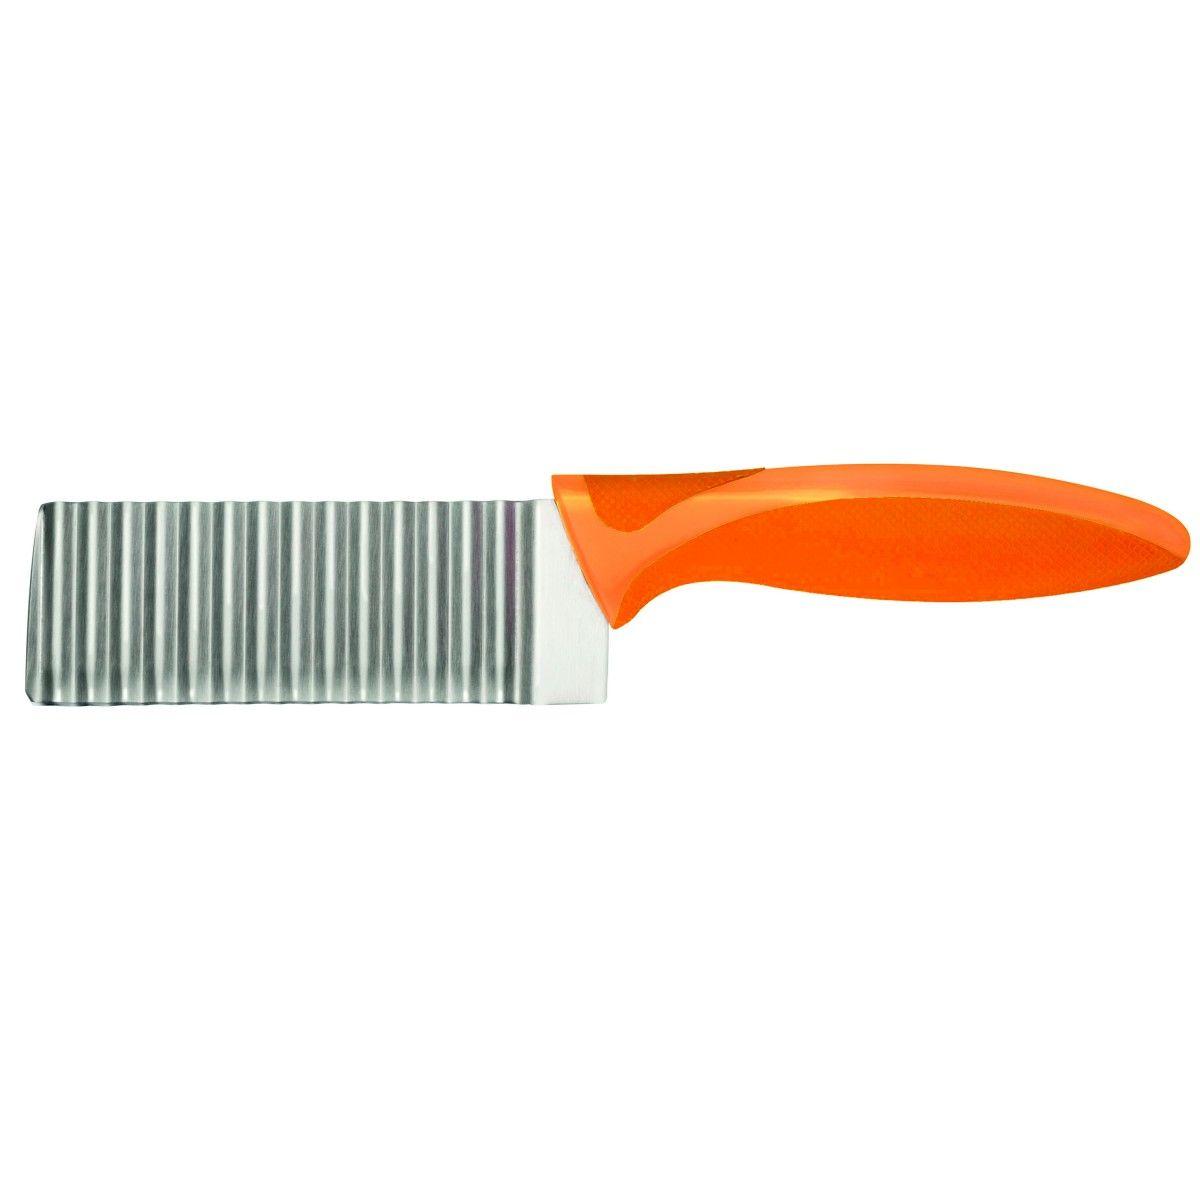 Zyliss Crinkle Messer Set Buy Inhoma24 De Inhoma Kuchen